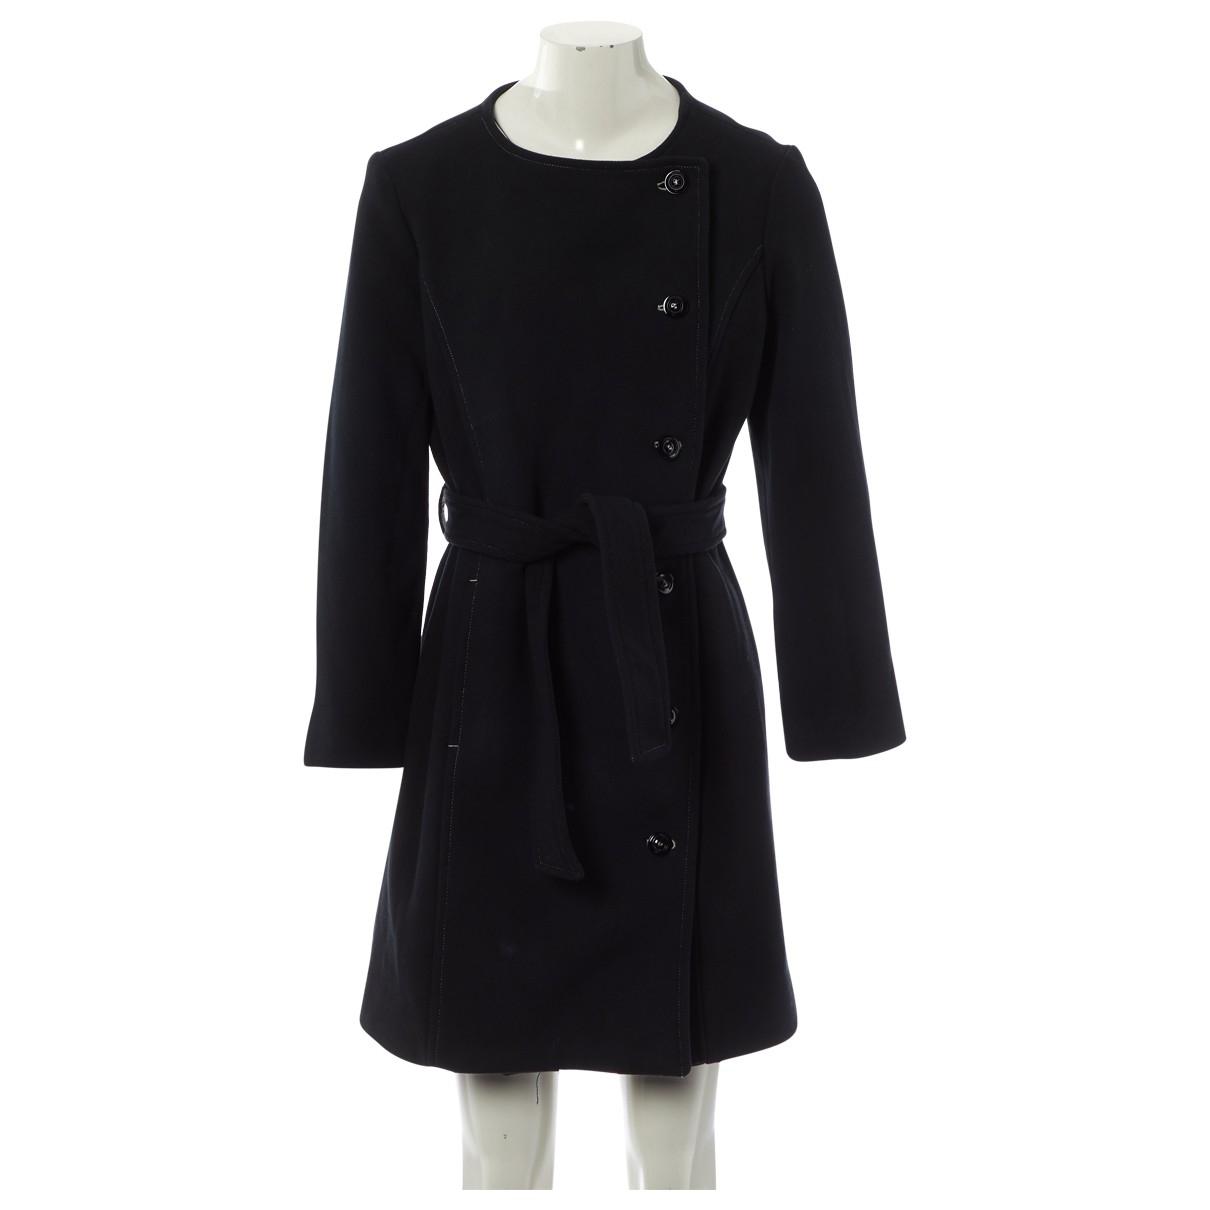 Apc - Manteau   pour femme en coton - noir